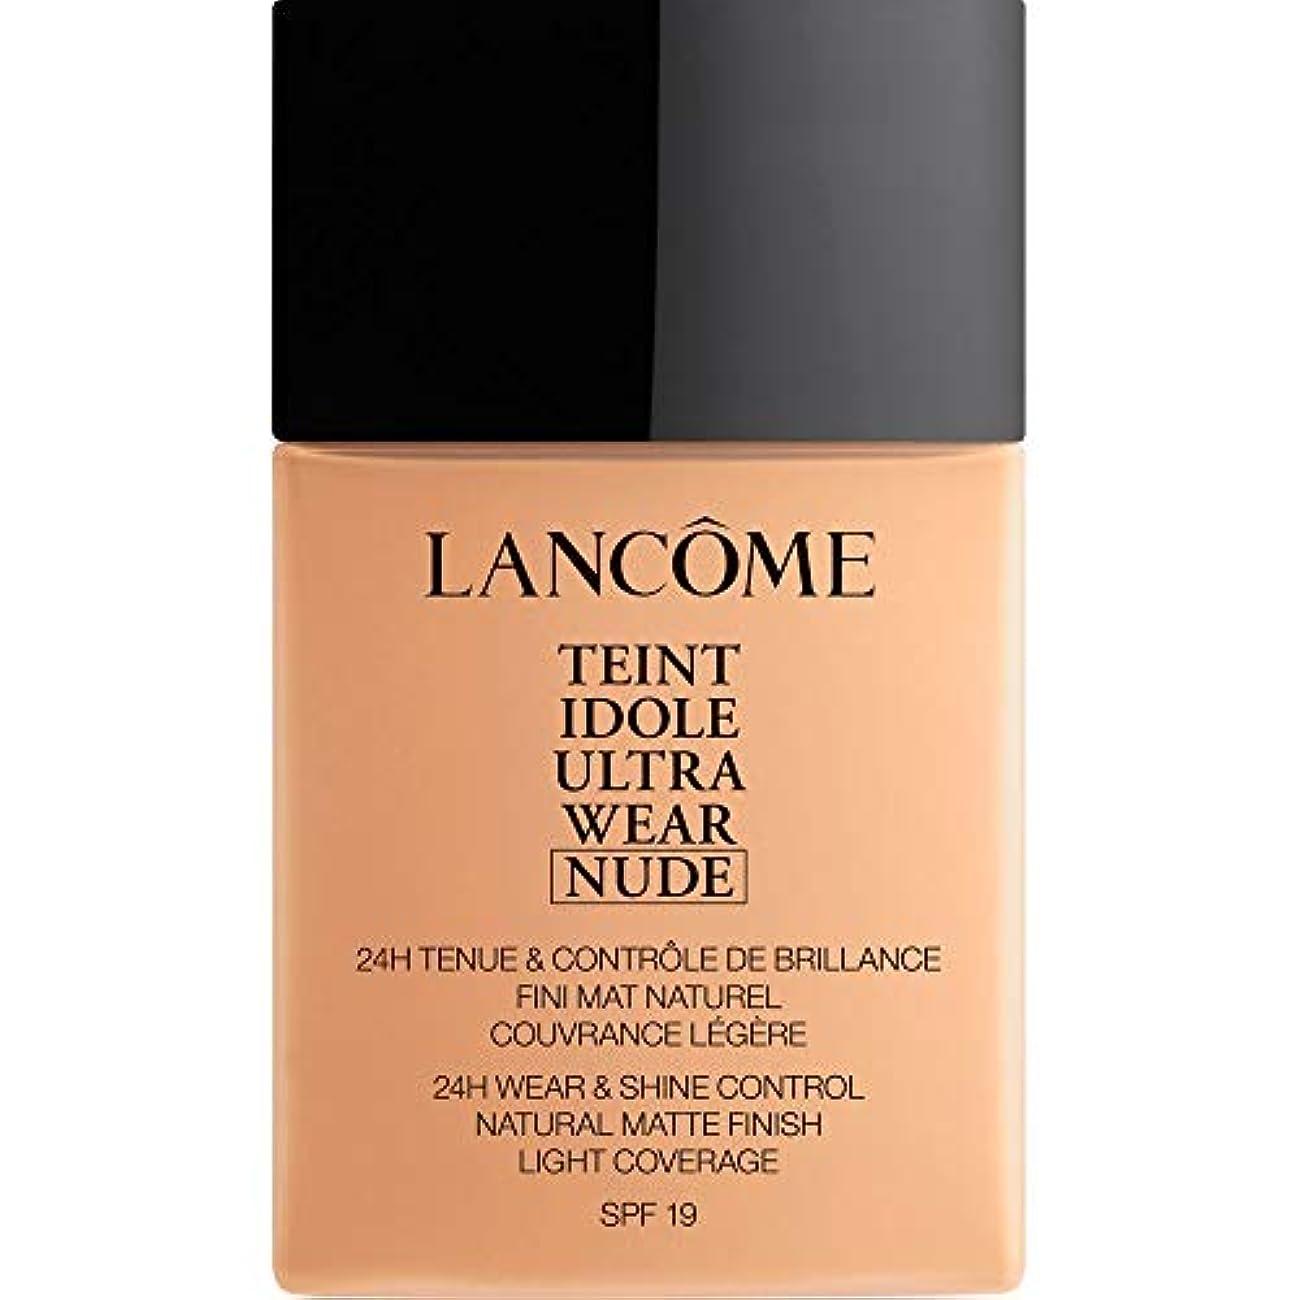 パキスタン人応じる重要性[Lanc?me ] ランコムTeintのIdole超摩耗ヌード財団Spf19の40ミリリットル032 - ベージュCendre - Lancome Teint Idole Ultra Wear Nude Foundation...